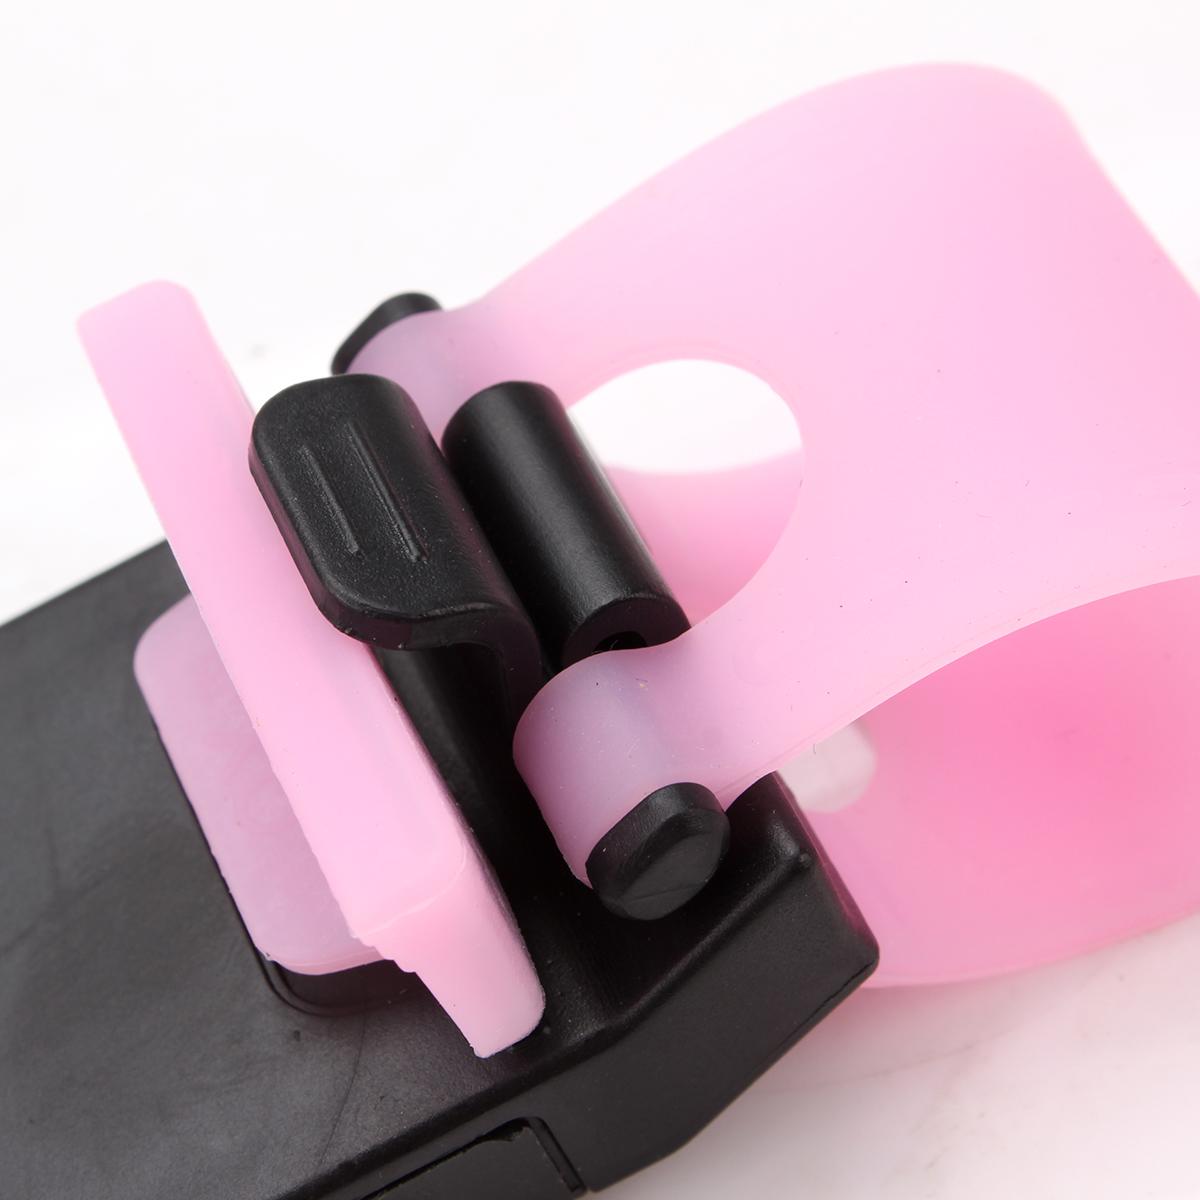 MyMei Пурпурный розовой красный цвет long arm lazy clip flexible holder cradle stand for mobile phone